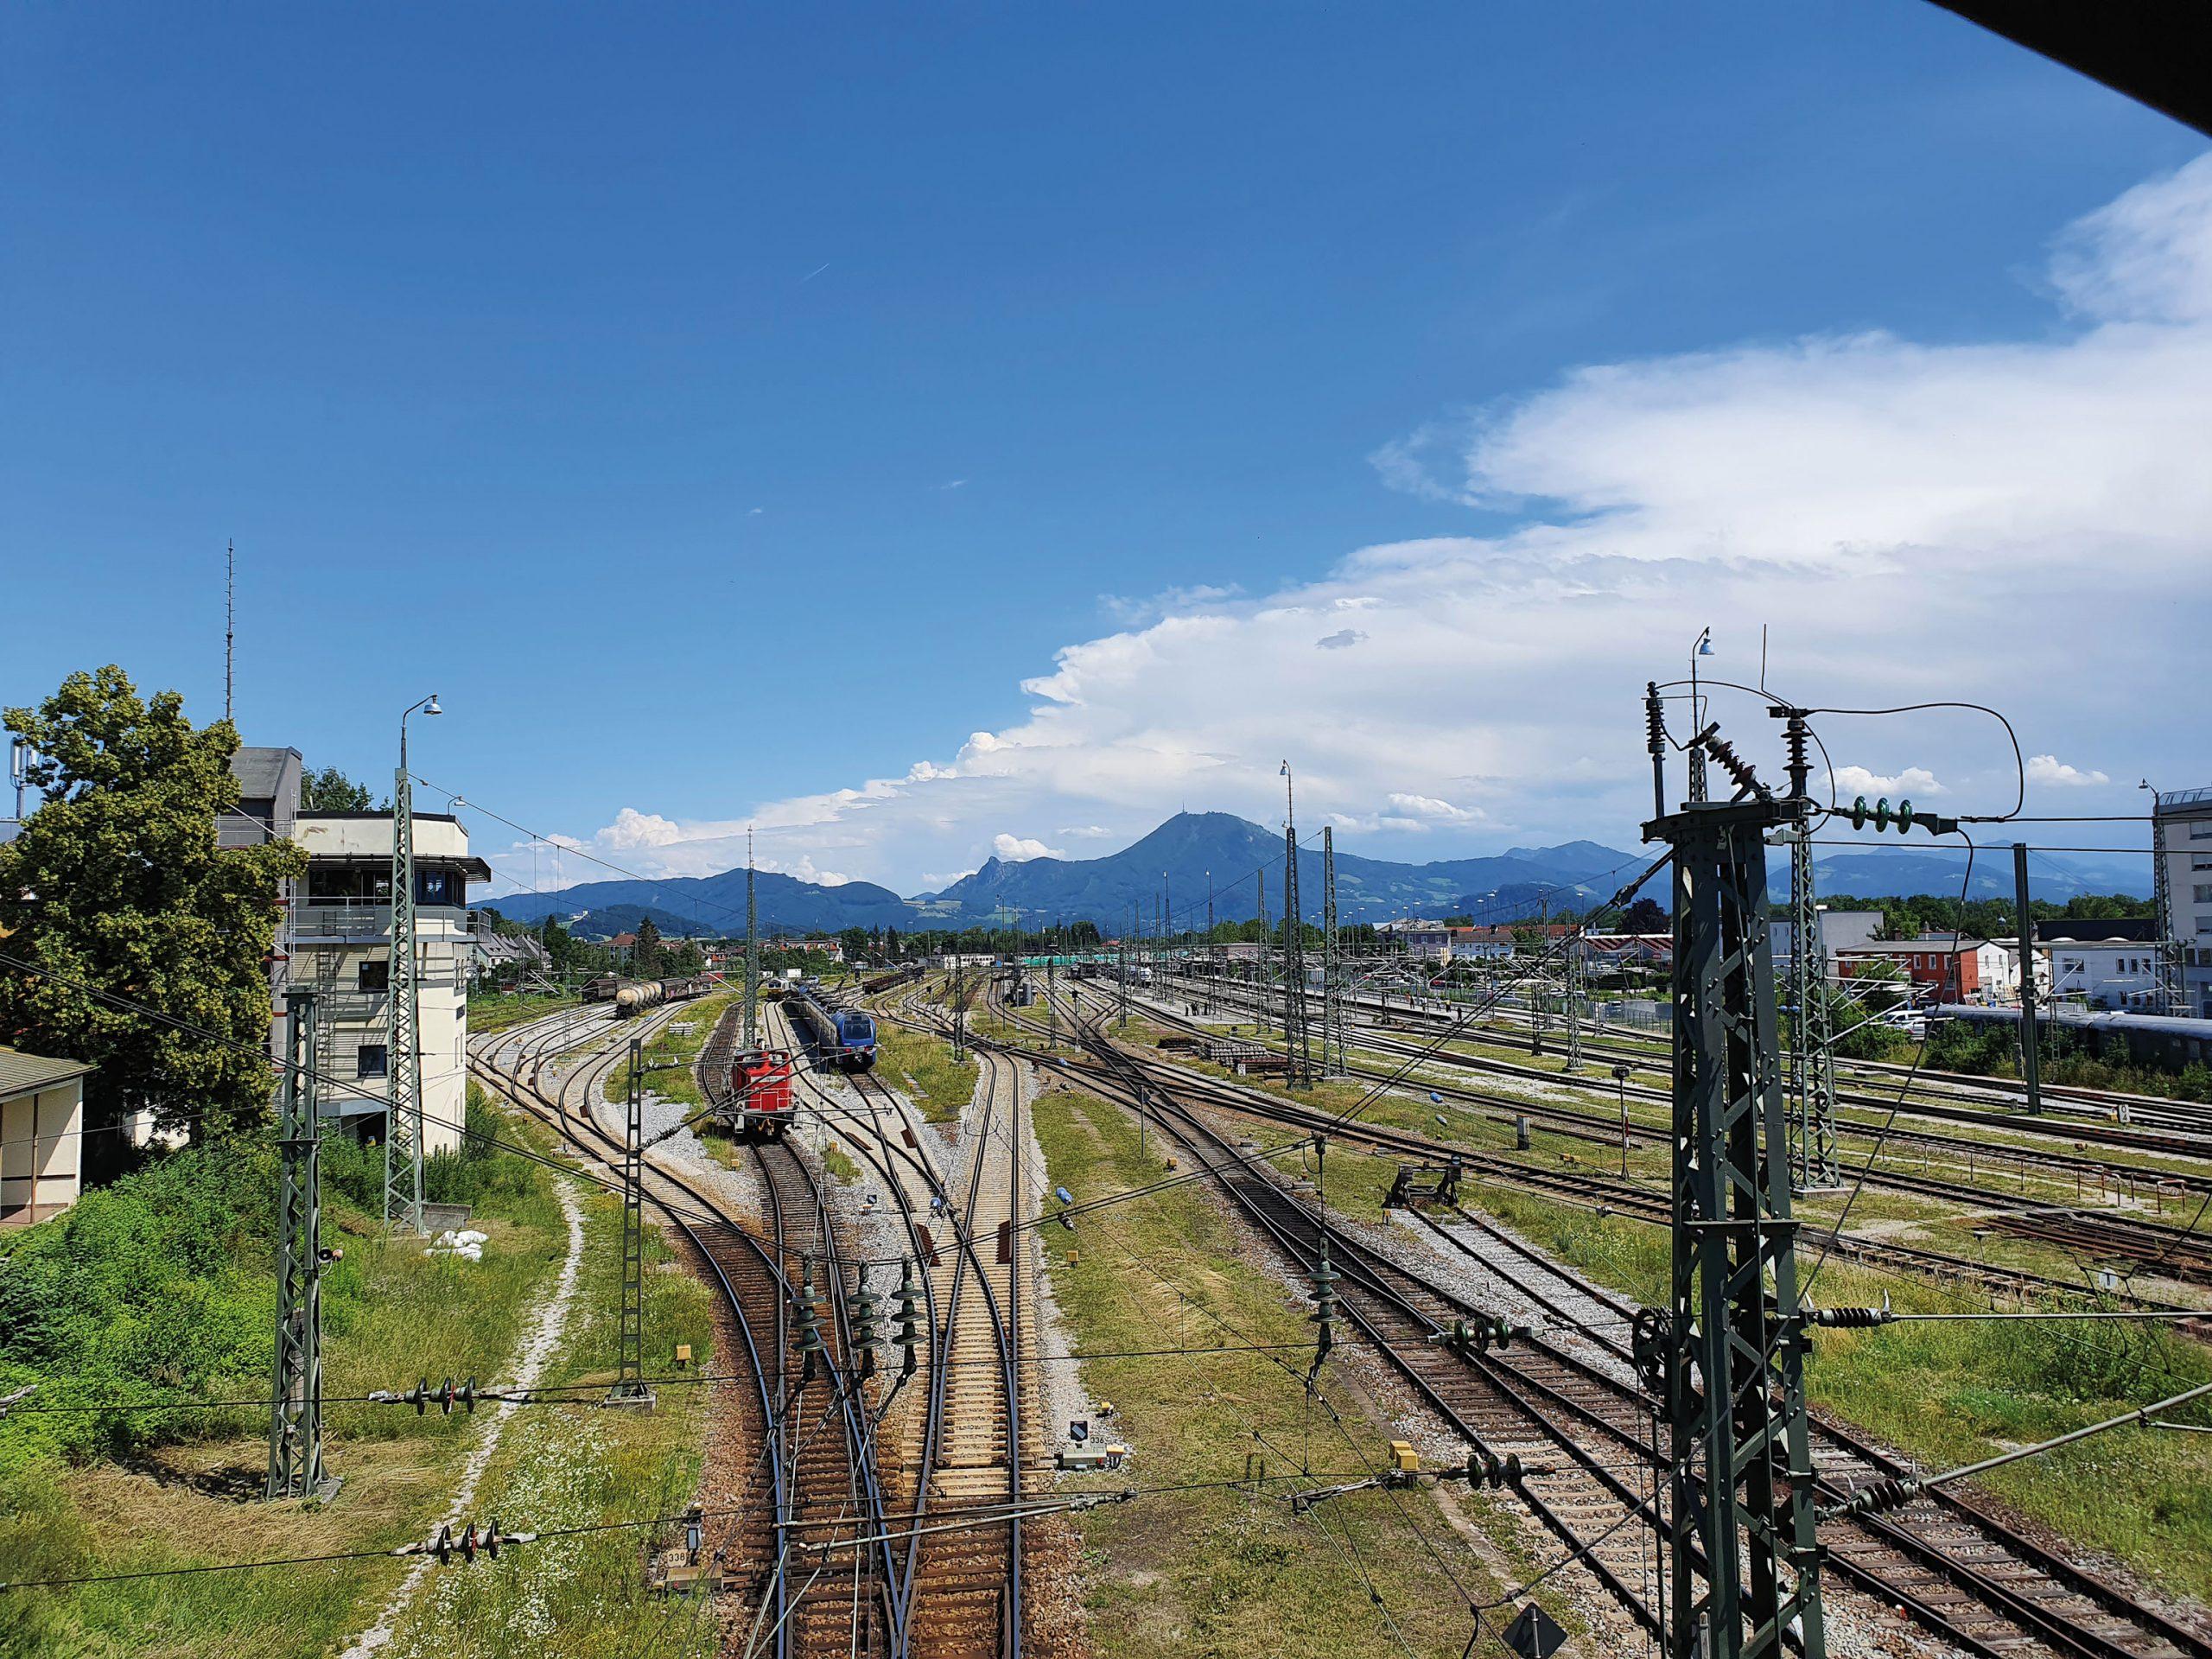 ©Foto: Daniel Grenzdörfer   railmen  Vor herrlicher Alpenkulisse liegt der Bahnhof Freilassing. Es ist der letzte deutsche Bahnhof auf der Strecke Rosenheim-Salzburg und verfügt über 8 Bahnsteige.